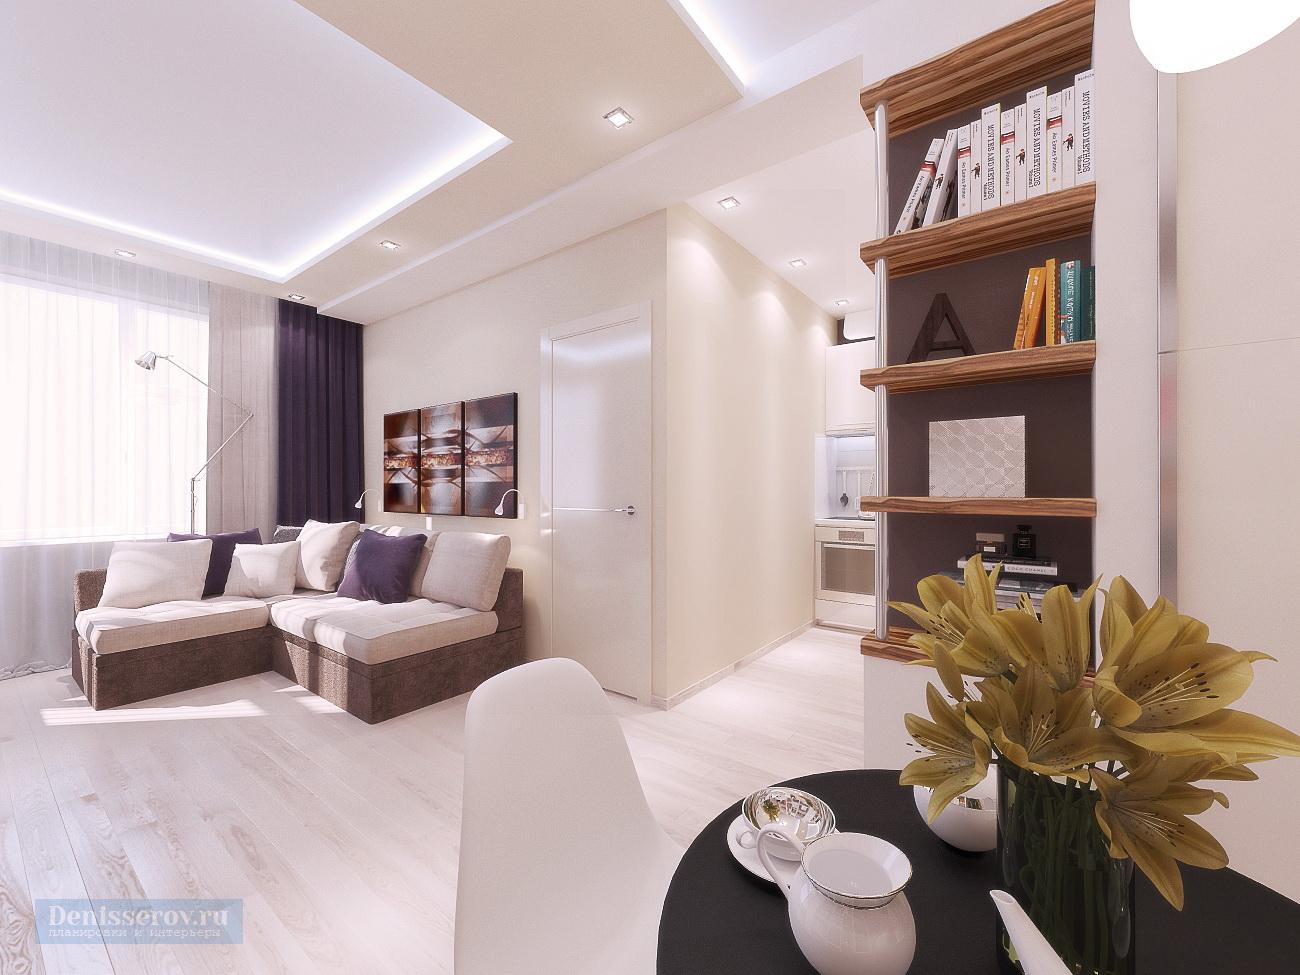 кухня-гостиная в однокомнатной квартире 35 кв.м.